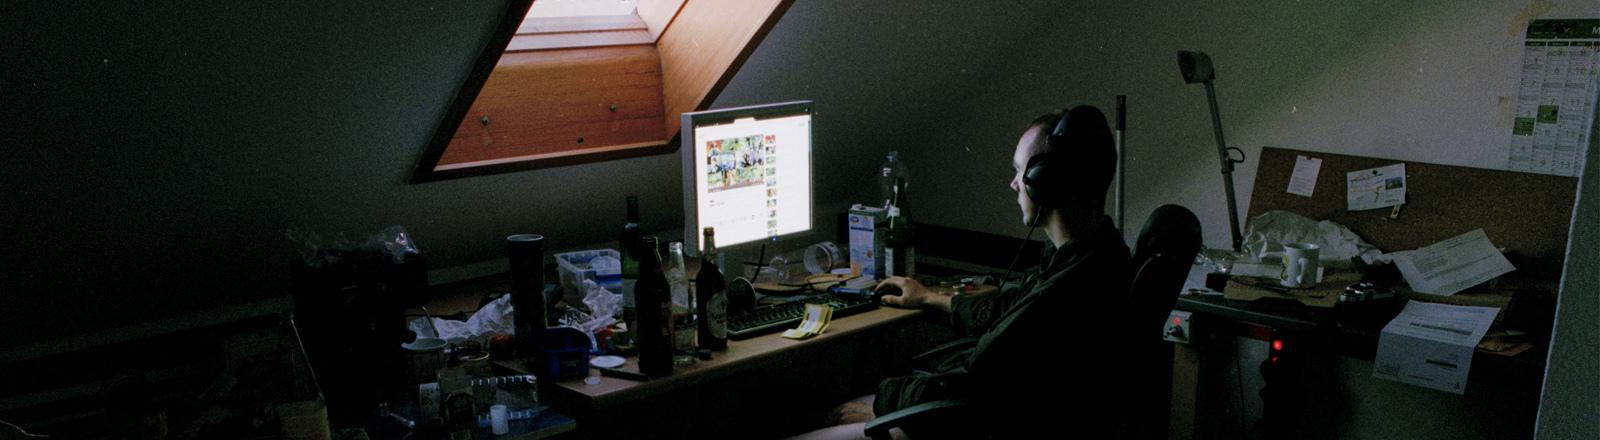 Tino sitzt in seinem dunklen Zimmer vor dem Rechner, von oben fällt Licht durchs Fenster.